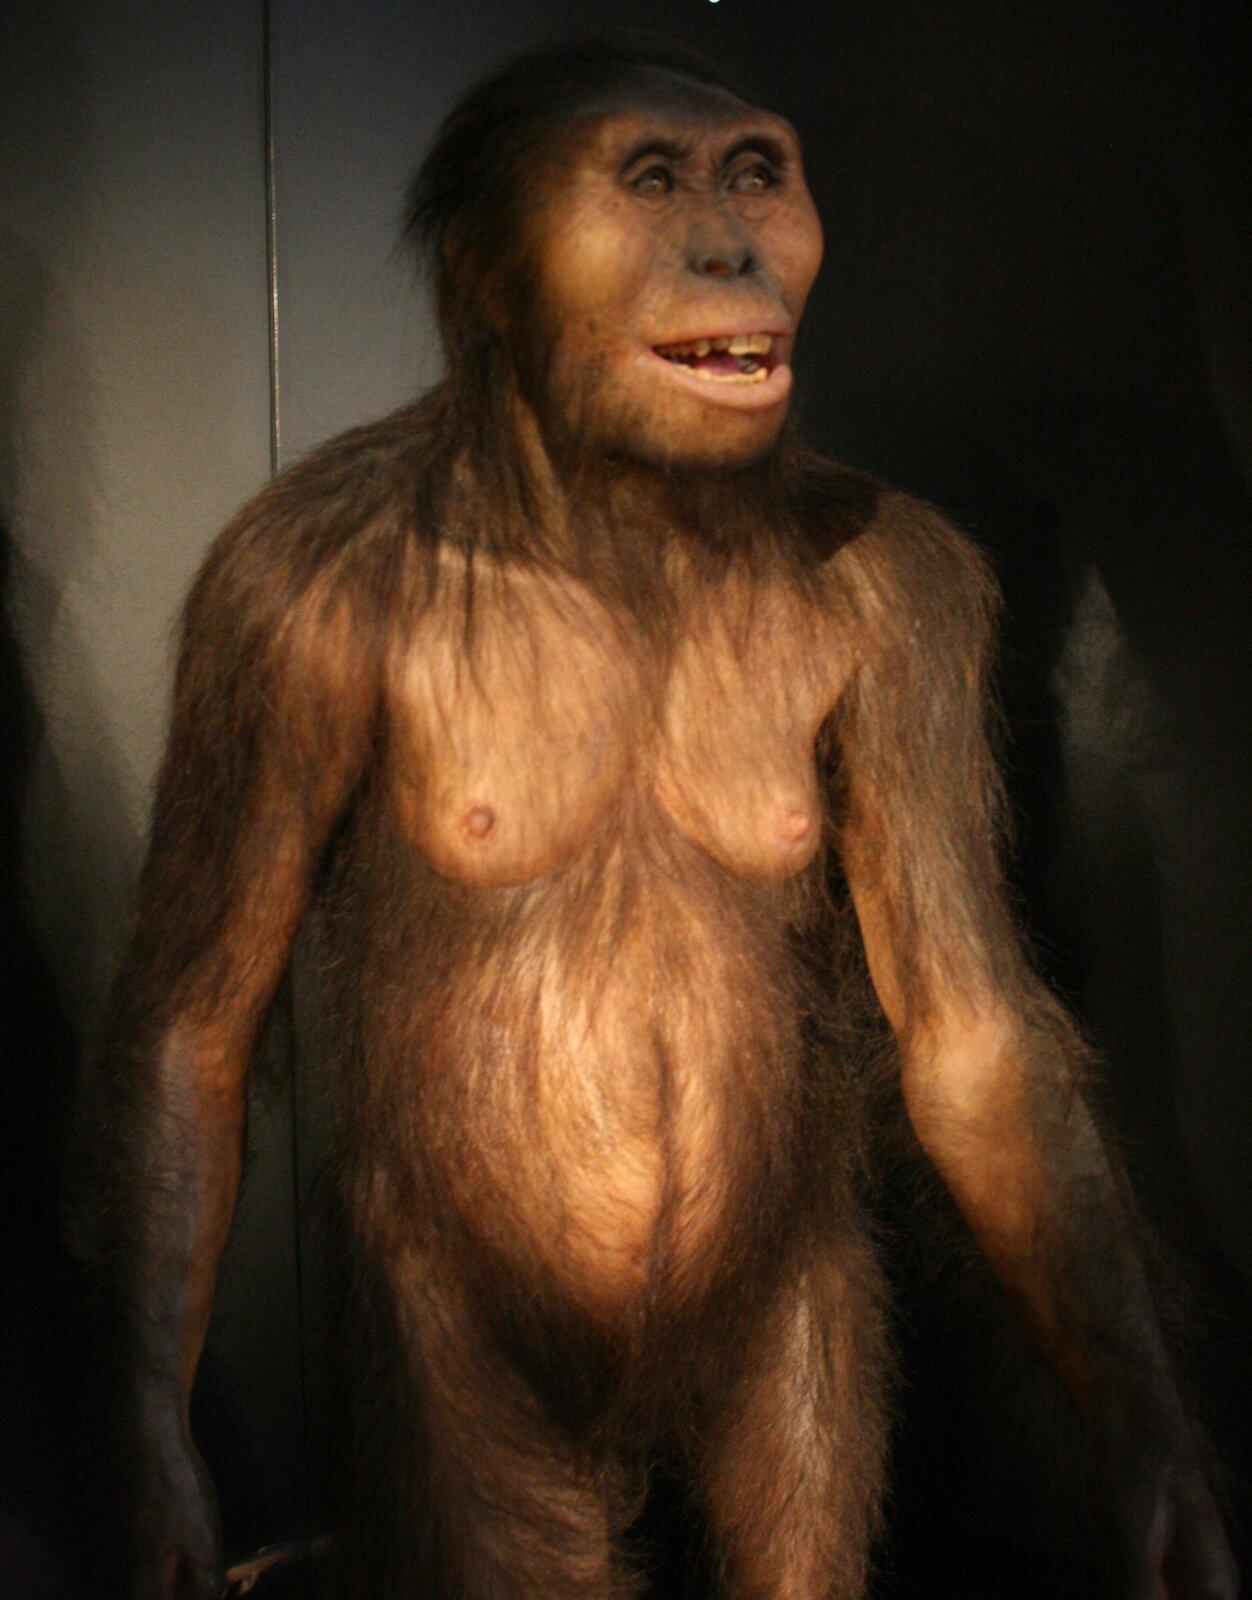 Fotografia przedstawia rekonstrukcję samicy australopiteka. Stoi wyprostowana, wprawej ręce trzyma patyk. Ma długie czarne włosy na głowie, tułowiu ikończynach, jedynie sutki są mniej owłosione. Jej oczy patrzą bystro, usta zwargami są rozciągnięte wuśmiechu.